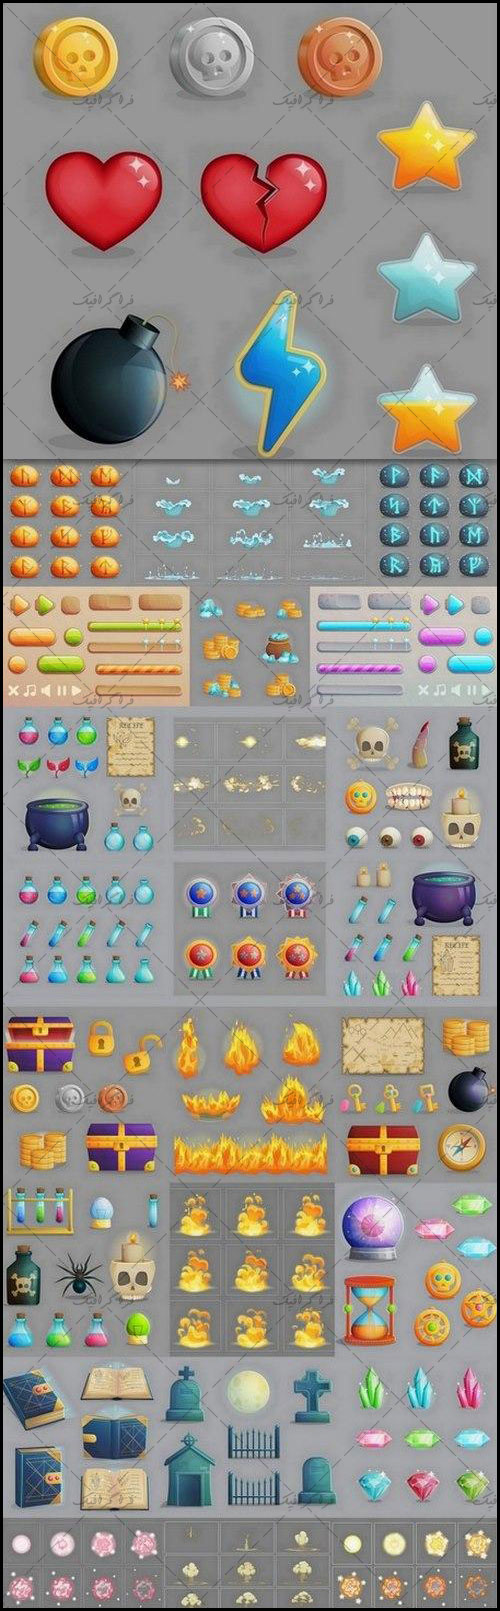 دانلود وکتور عناصر گرافیکی بازی 2 بعدی - شماره 4